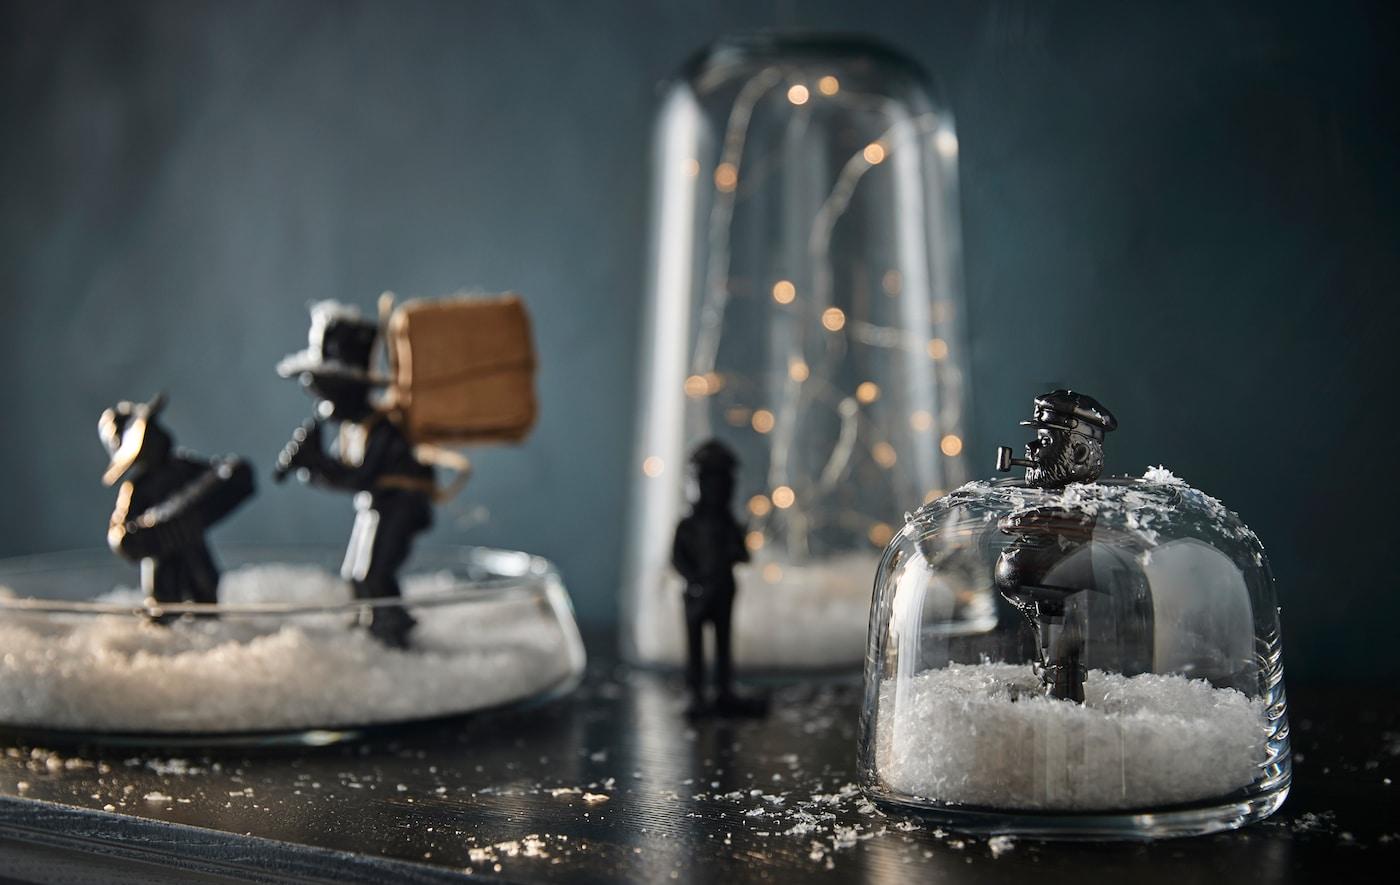 """هل تبحث عن أفكار لتزيين غرفة الجلوس في فترة الأعياد هذه؟ اصنع كرات الثلج الخاصة بك بنفسك باستخدام مرطبان. توفر ايكيا الكثير من المرطبانات الزجاجية والمزهريات مثل حامل المزهريات/الشموع الصغيرة <bdo dir=""""ltr""""> VINTER 2017</bdo> من الزجاج الشفاف."""